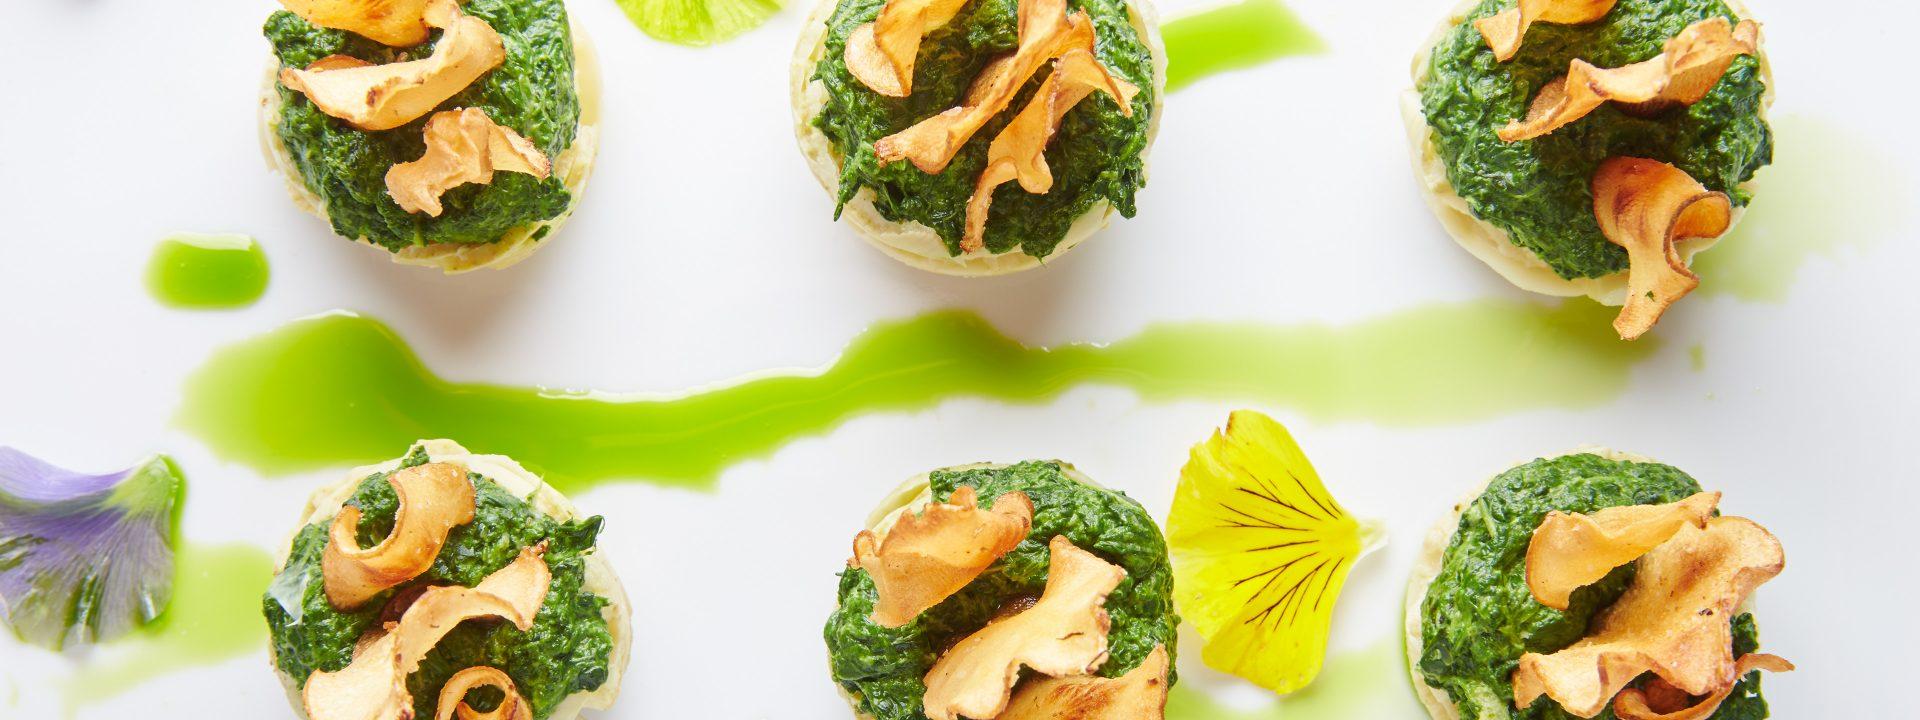 baked artichoke